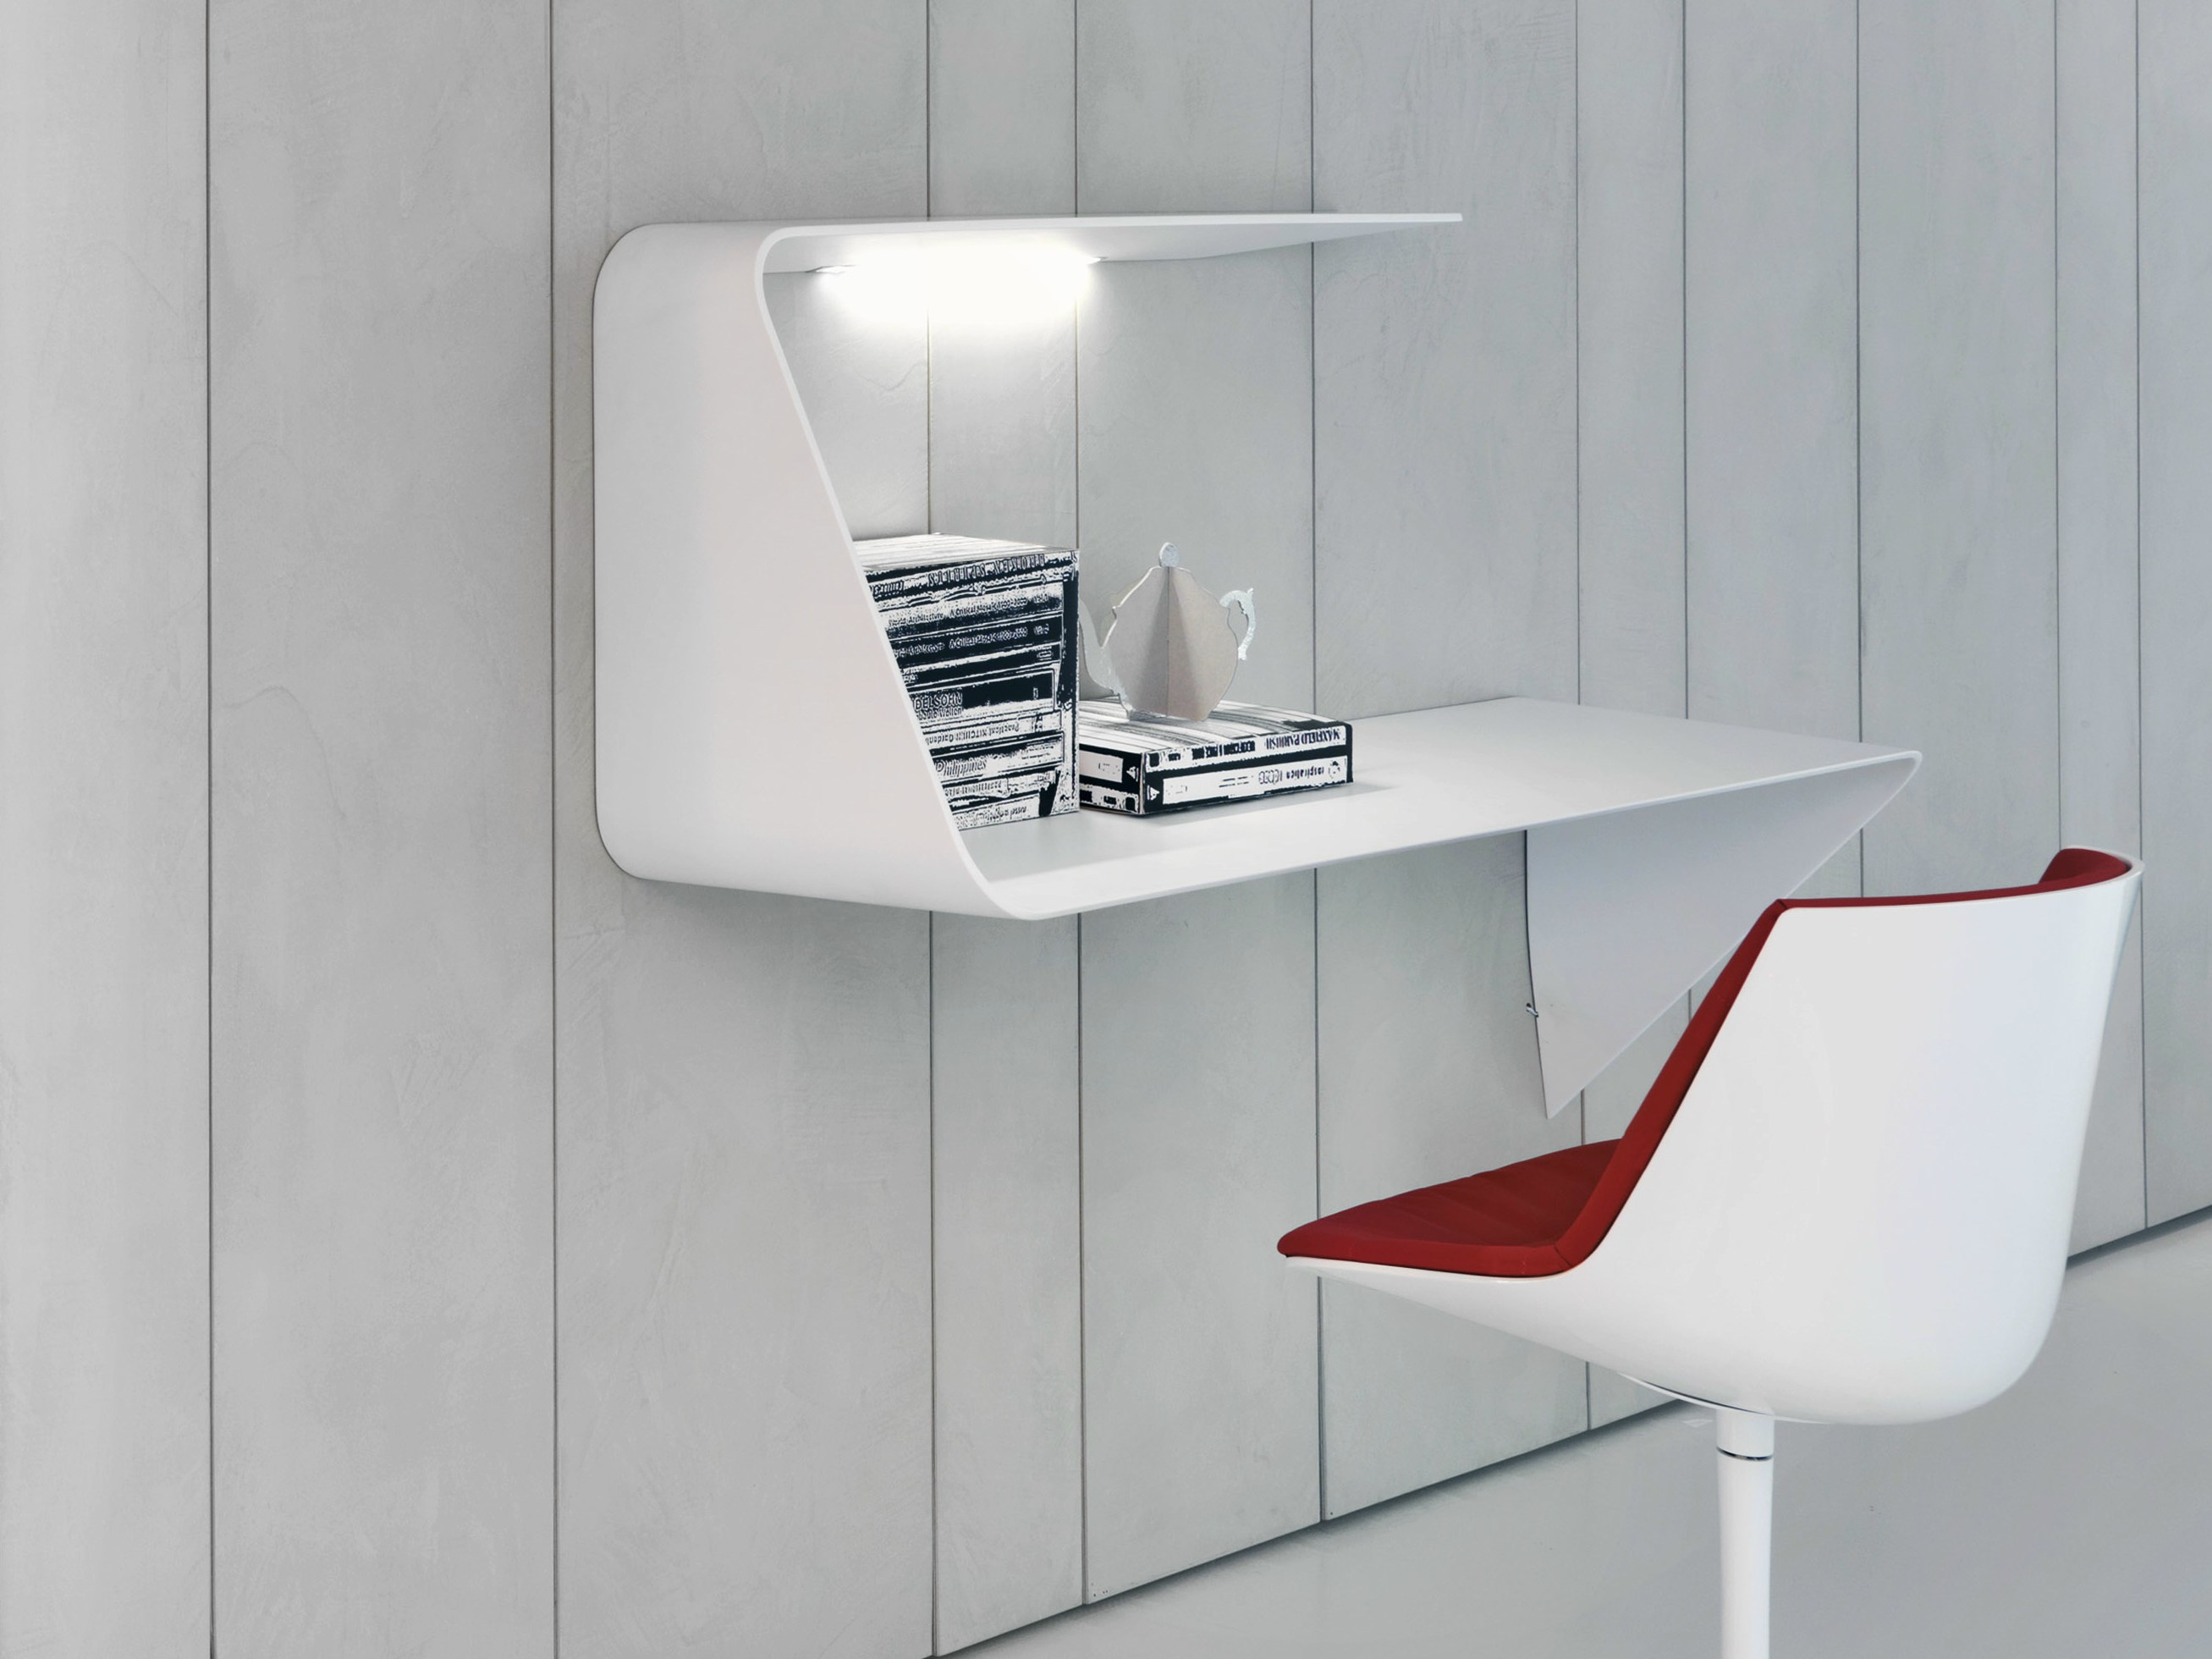 La miniaturizzazione delle fonti luminose e i nuovi oggetti luce e design - Mdf italia ...